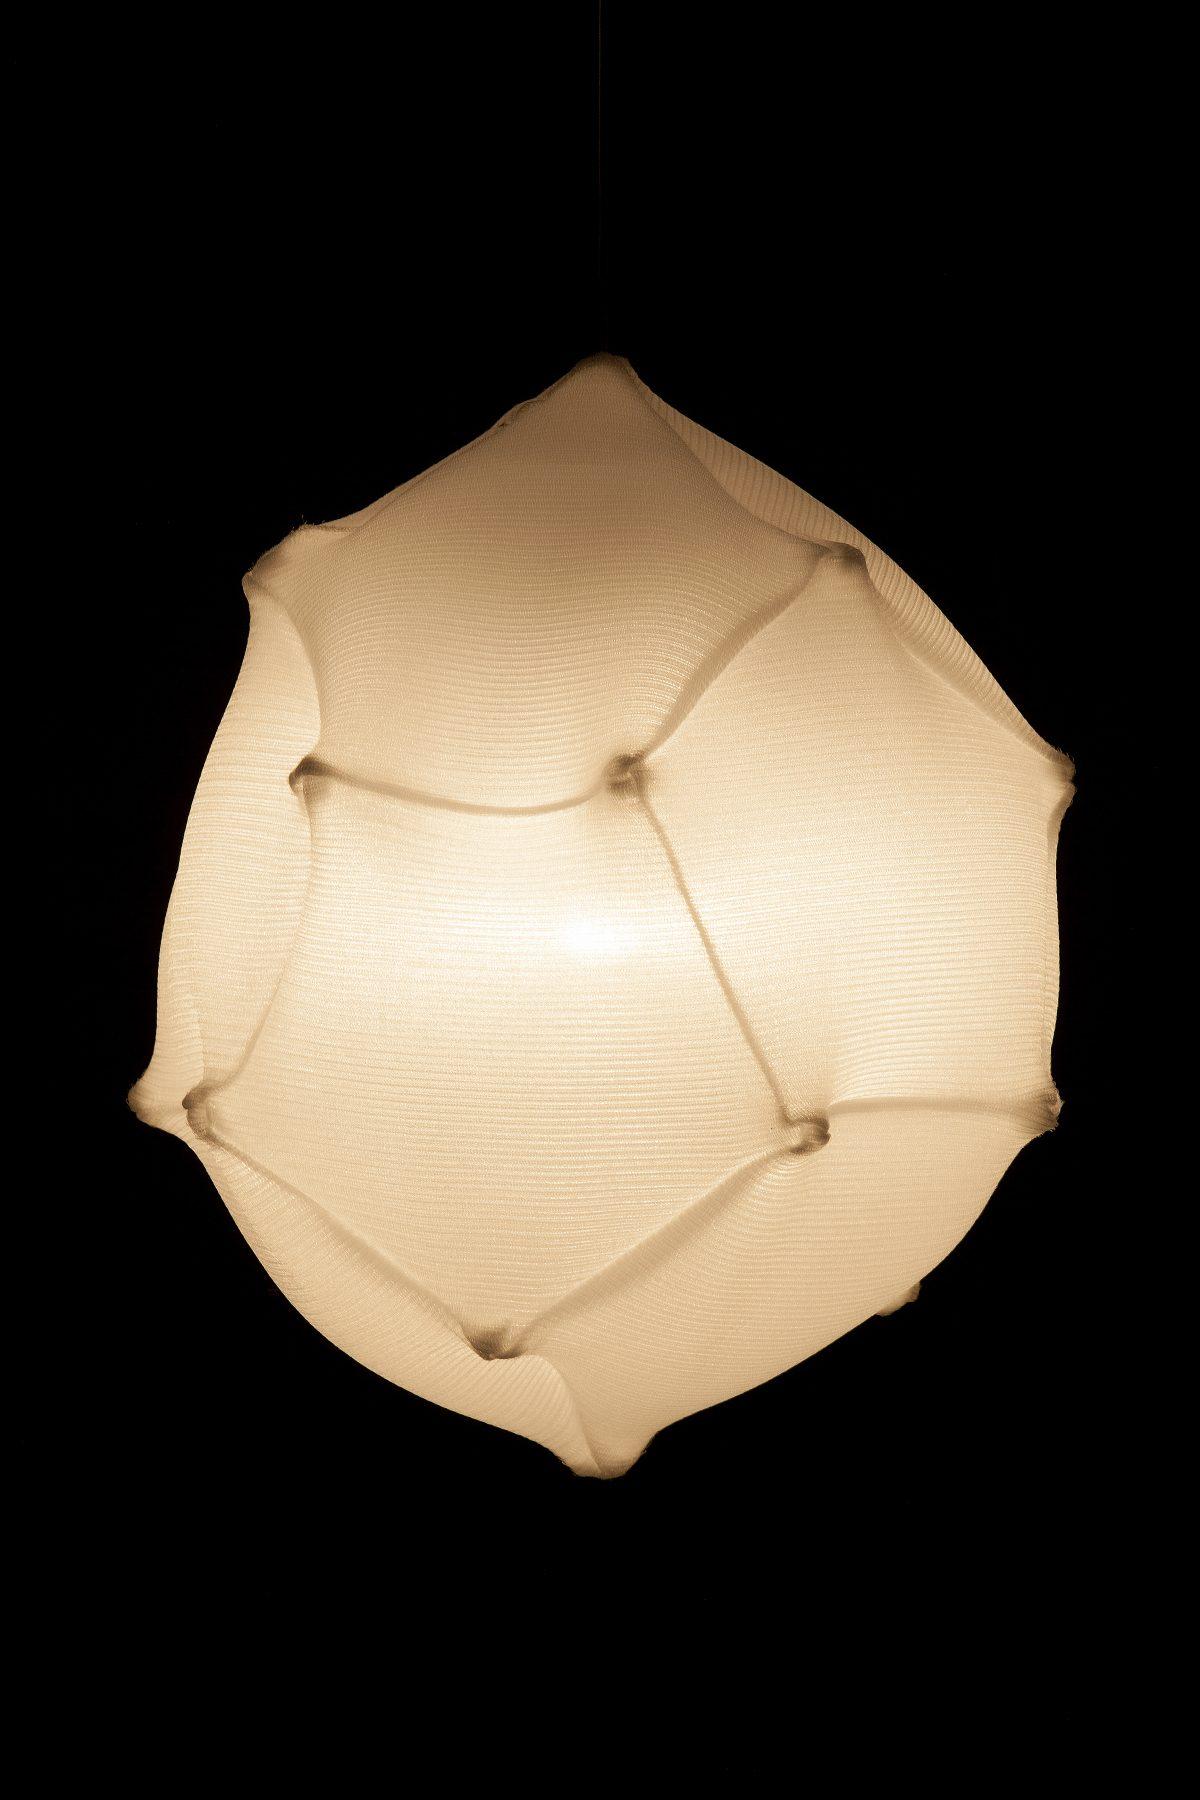 Radiolaria Pseudoglobulus footballi hanglamp van Bernotat